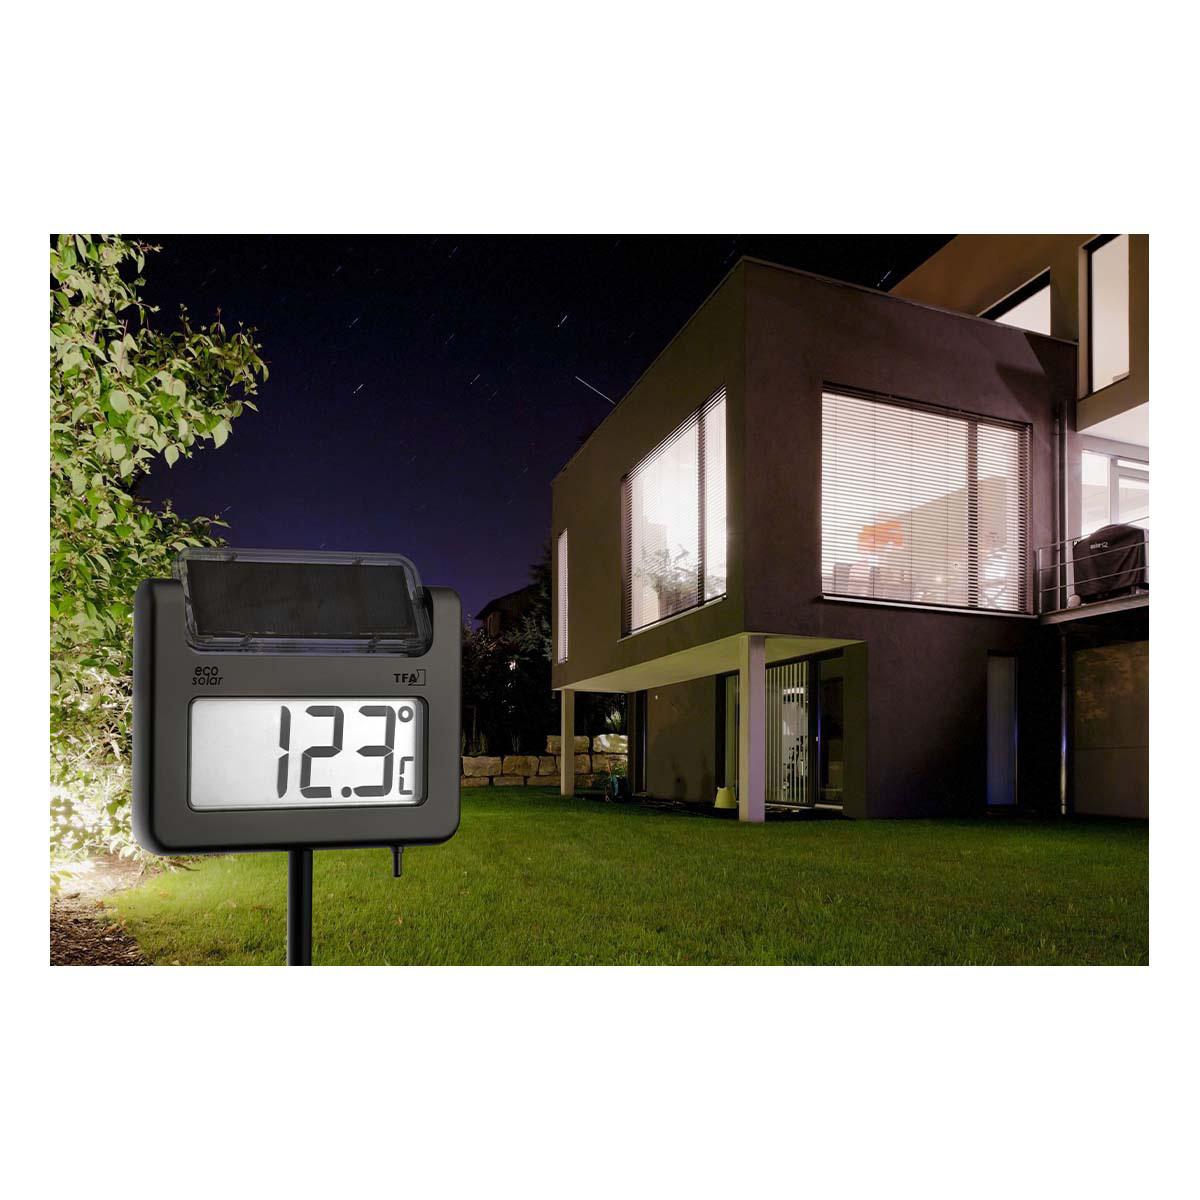 30-2026-digitales-gartenthermometer-mit-solarbeleuchtung-avenue-anwendung2-1200x1200px.jpg